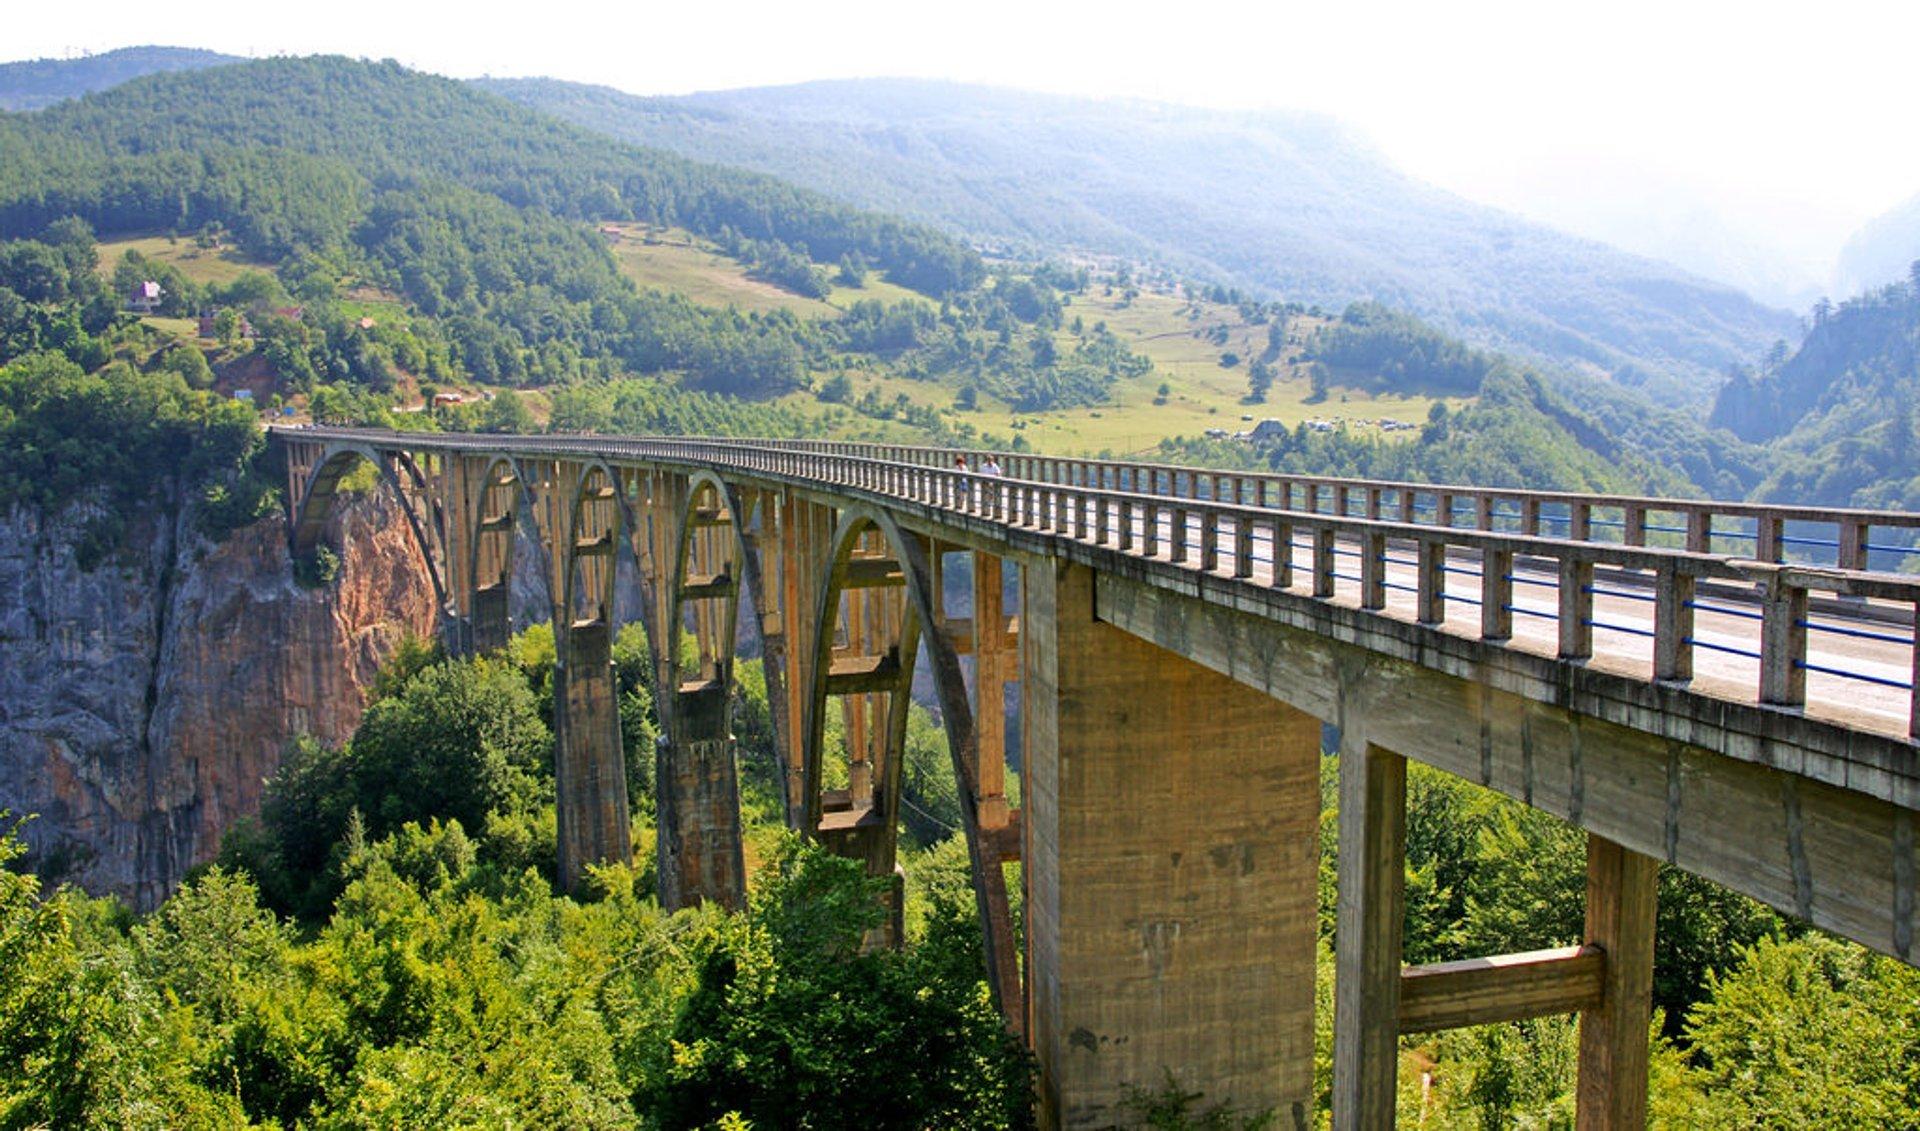 Tara bridge 2020